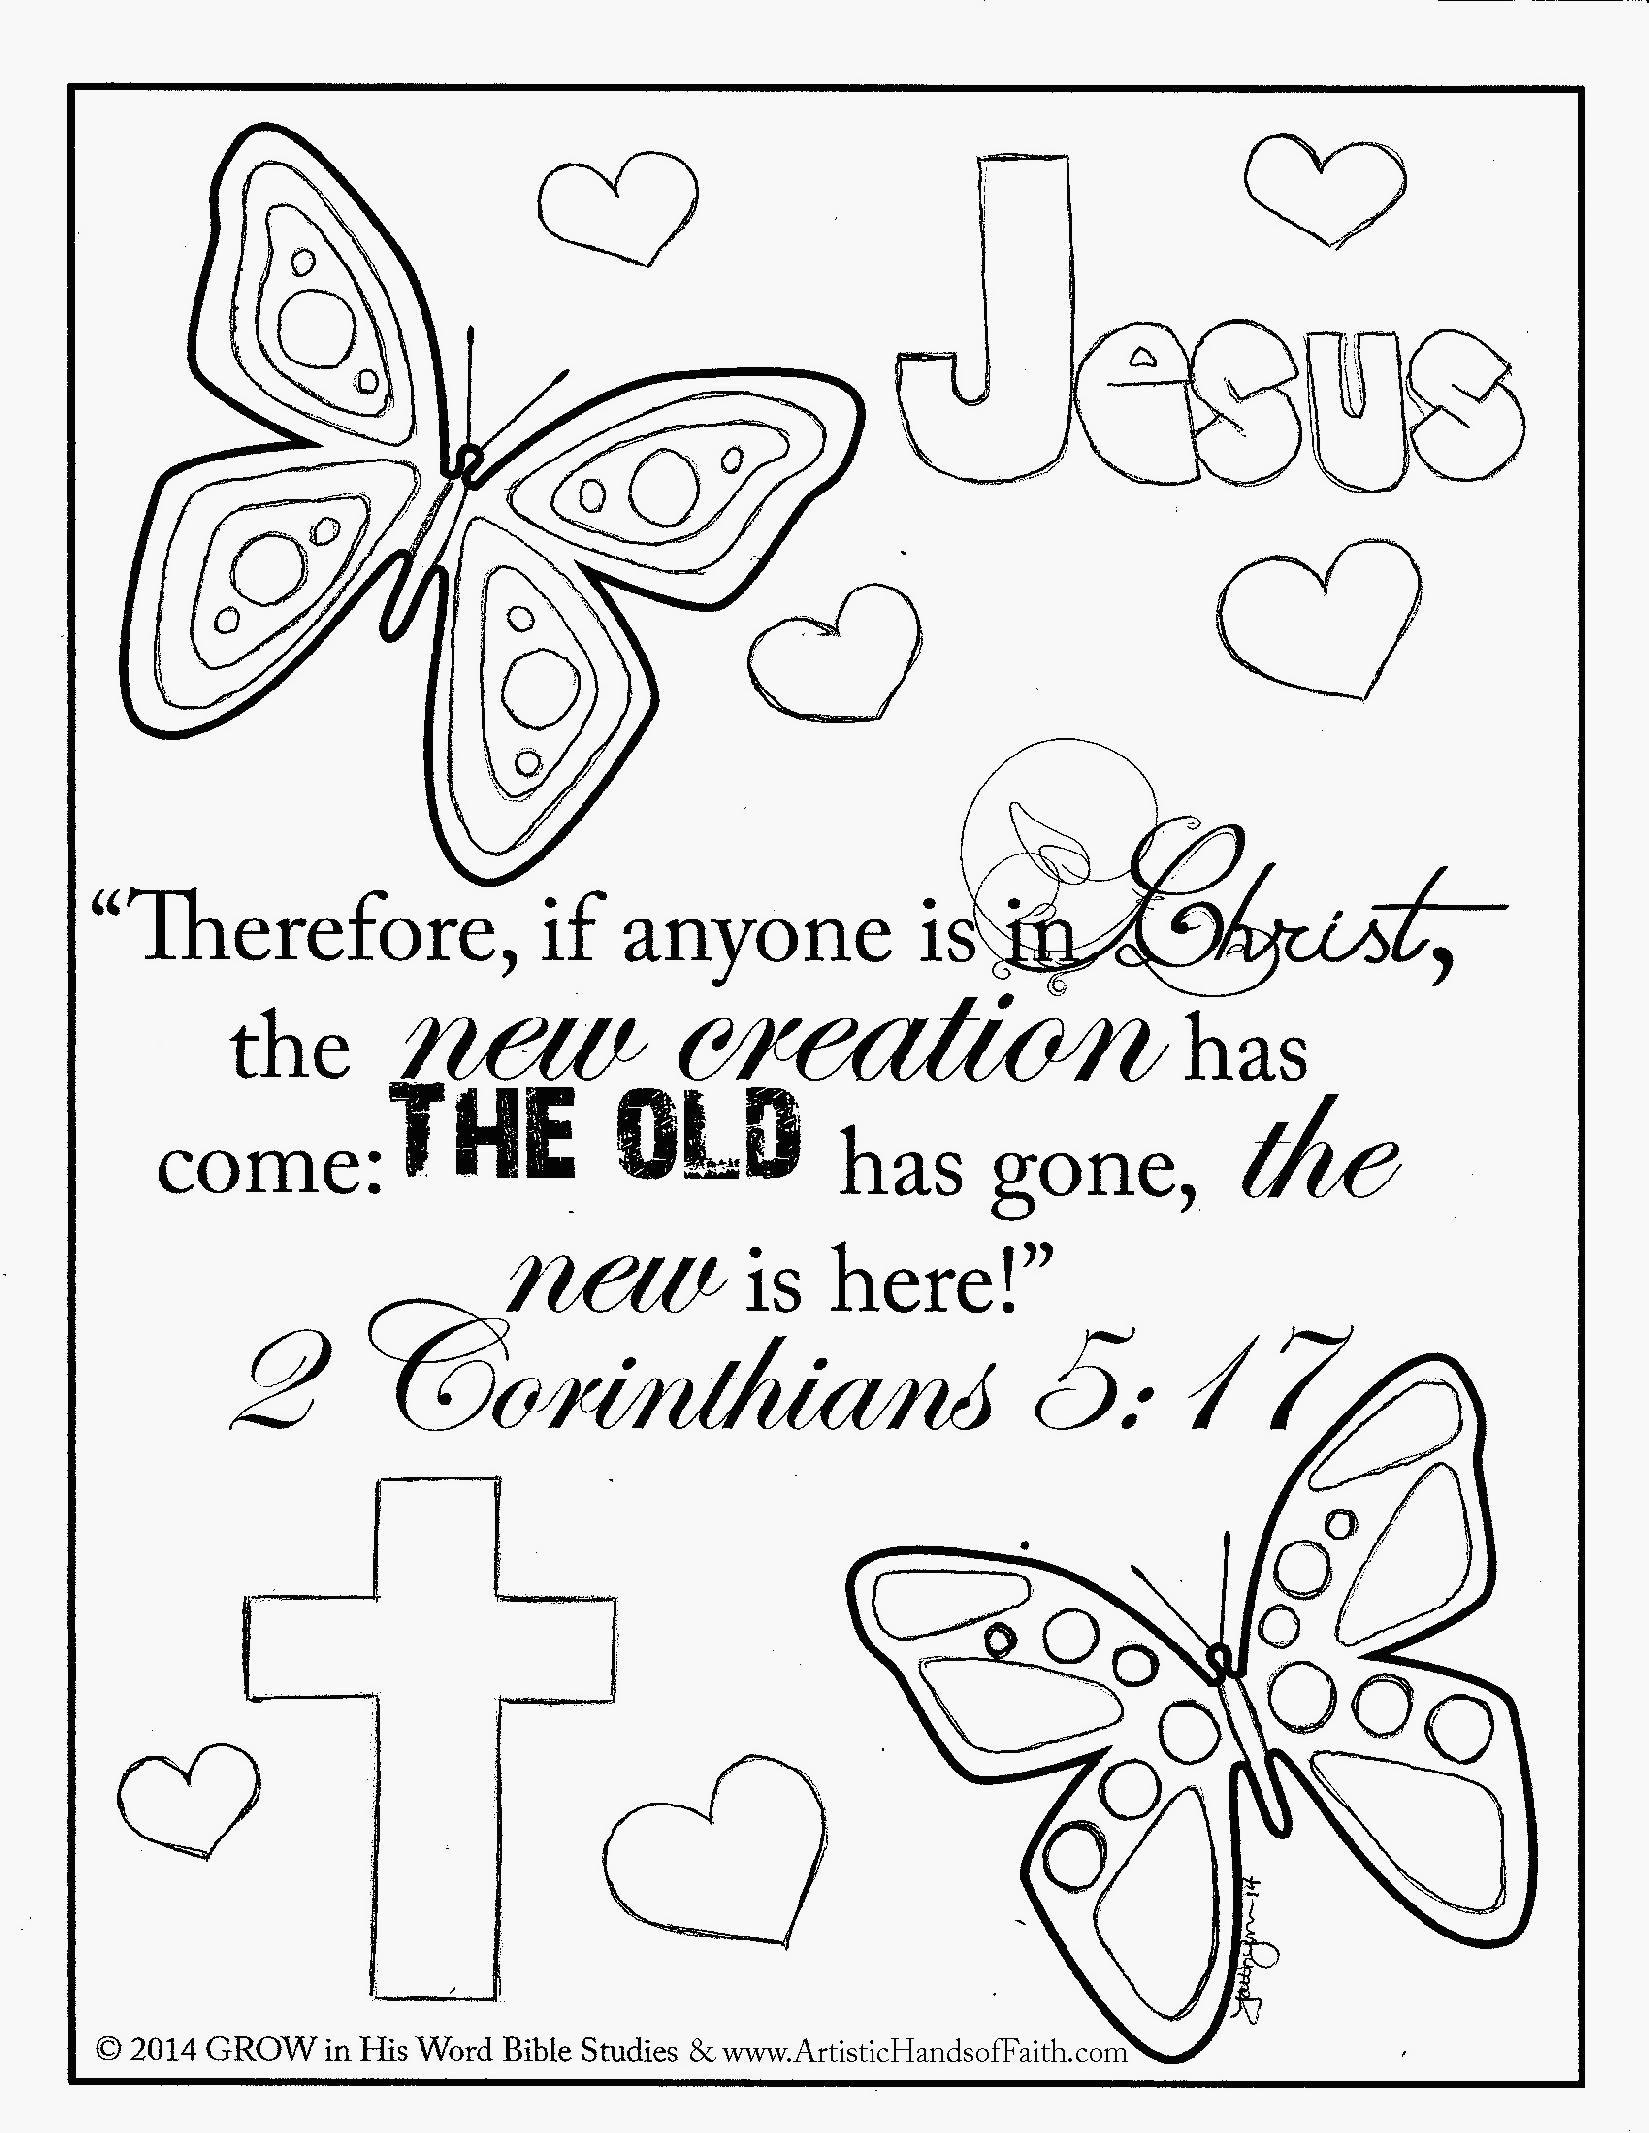 Http Coloringapages Com Wp Content Uploads 2015 02 Bible Verse Coloring Pages For Kids 15930 J Bible Verse Coloring Page Bible Coloring Sheets Bible Coloring